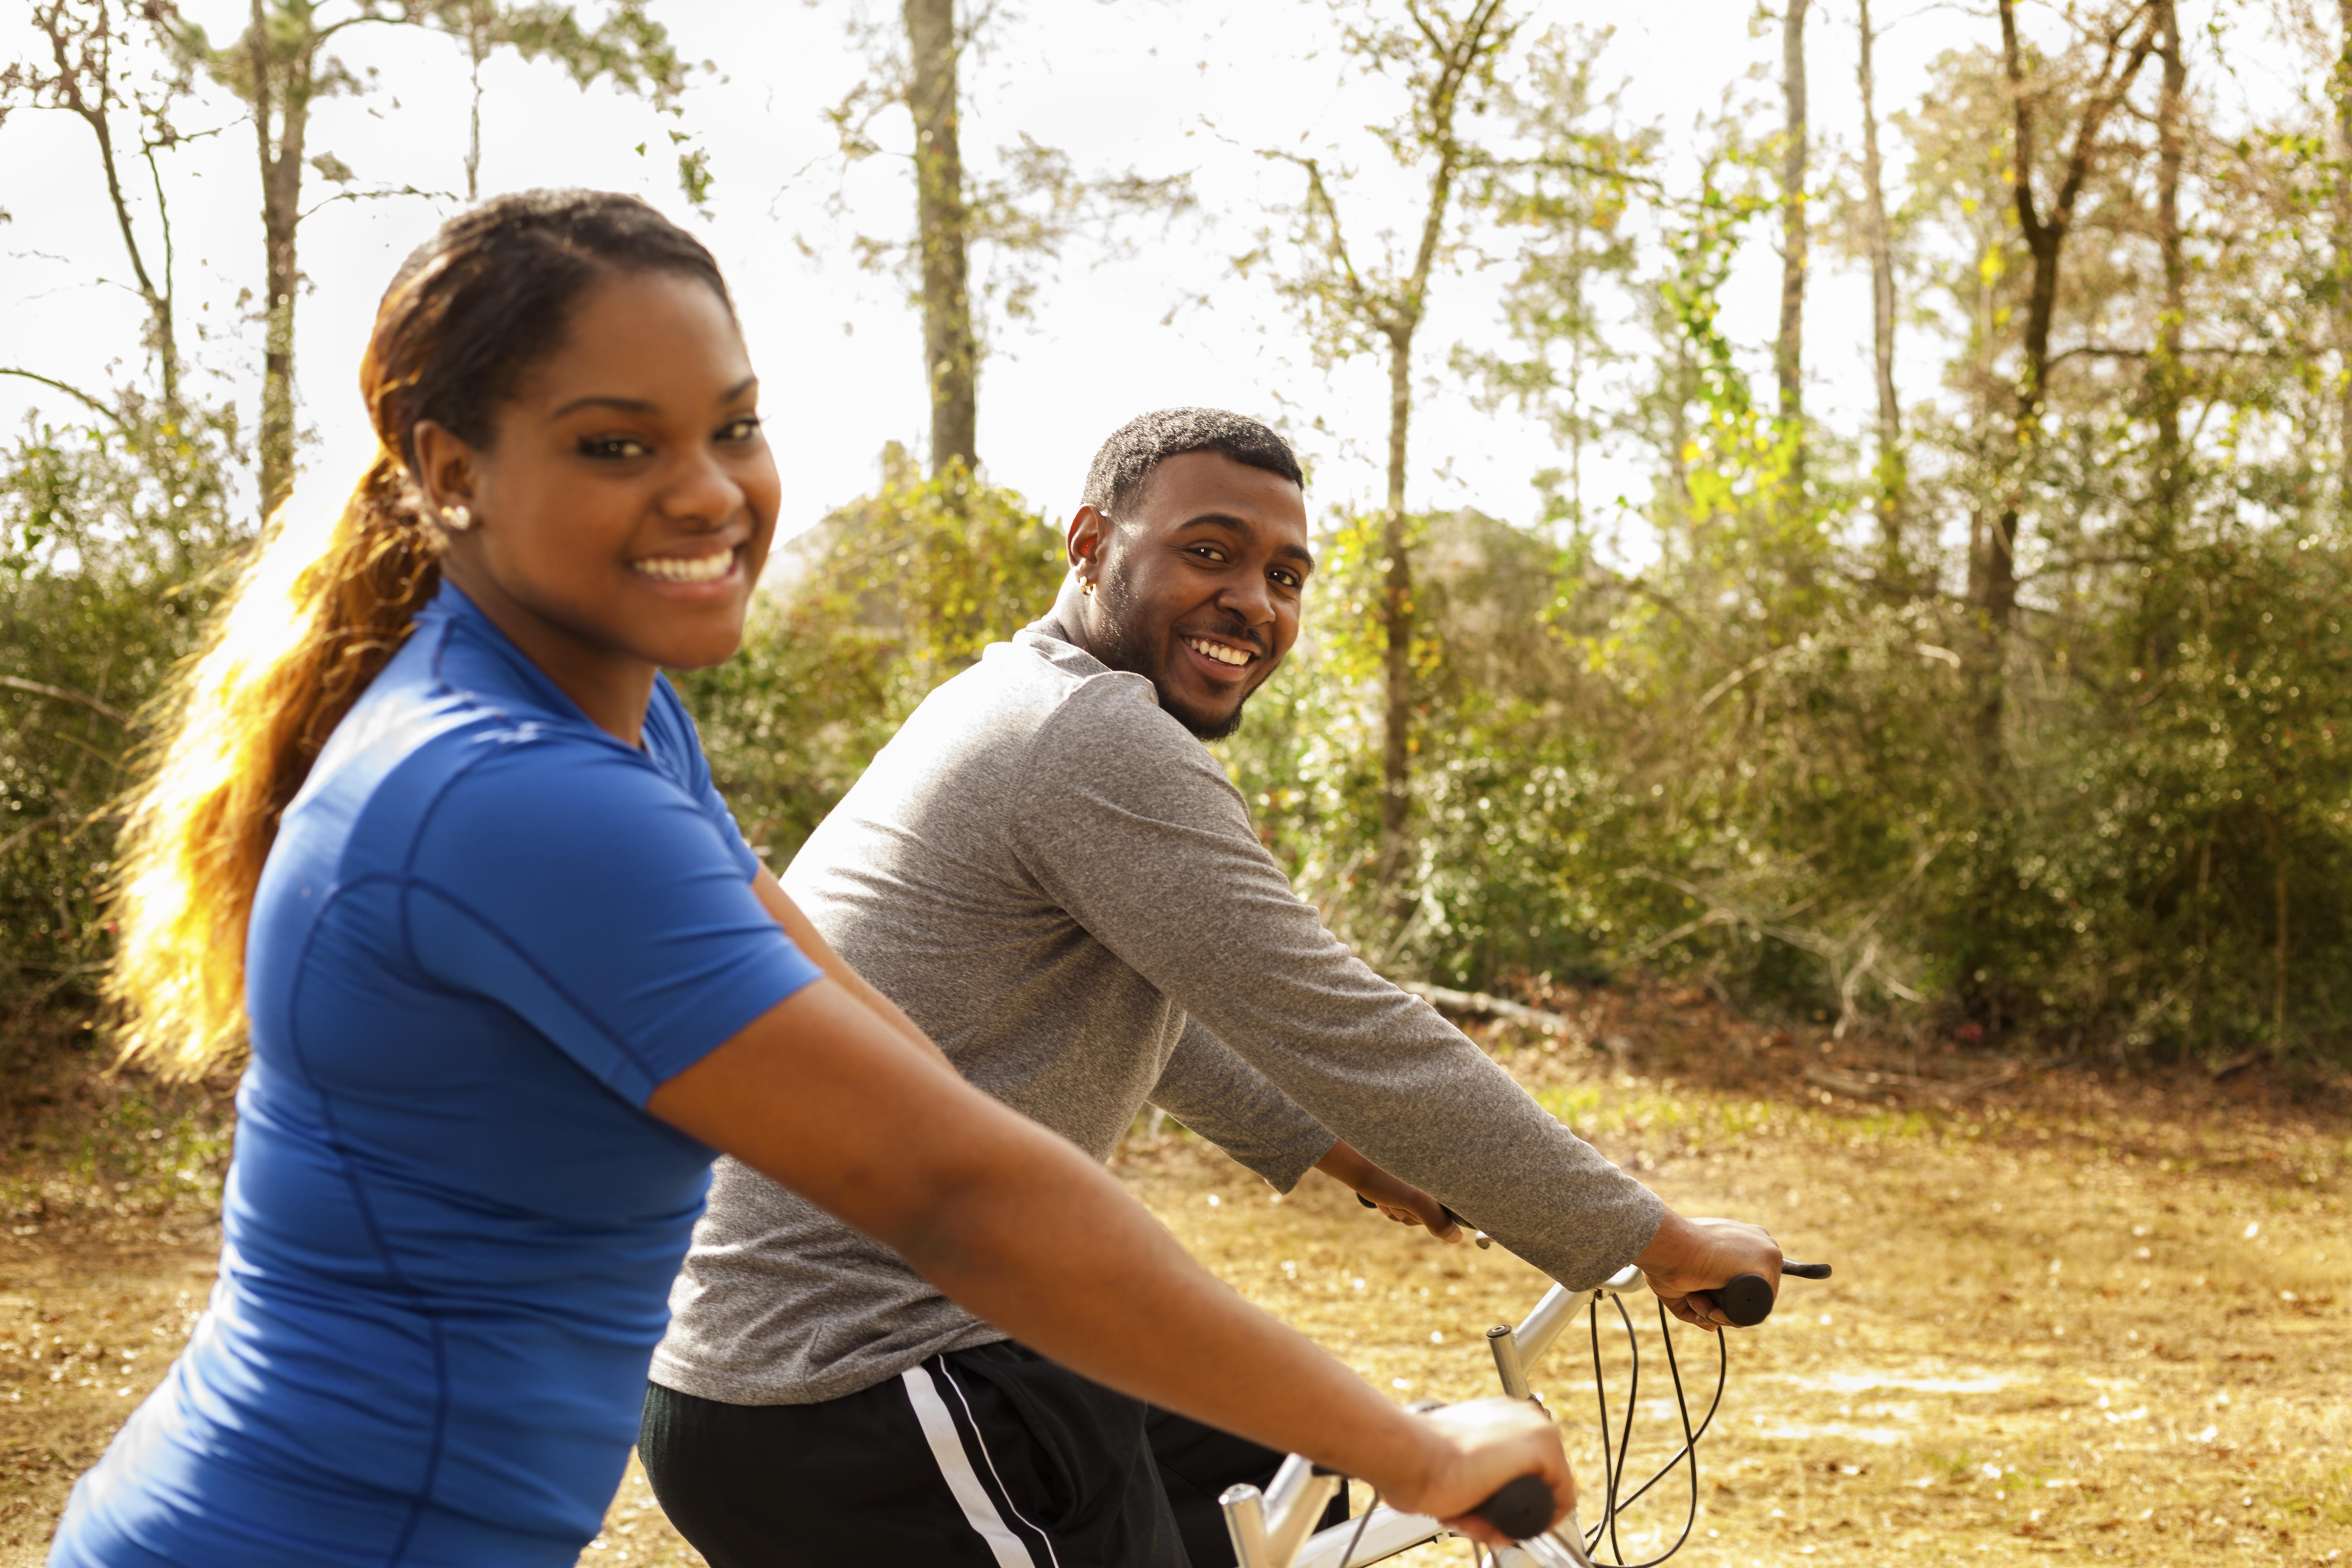 Young couple ride bikes in neighborhood.